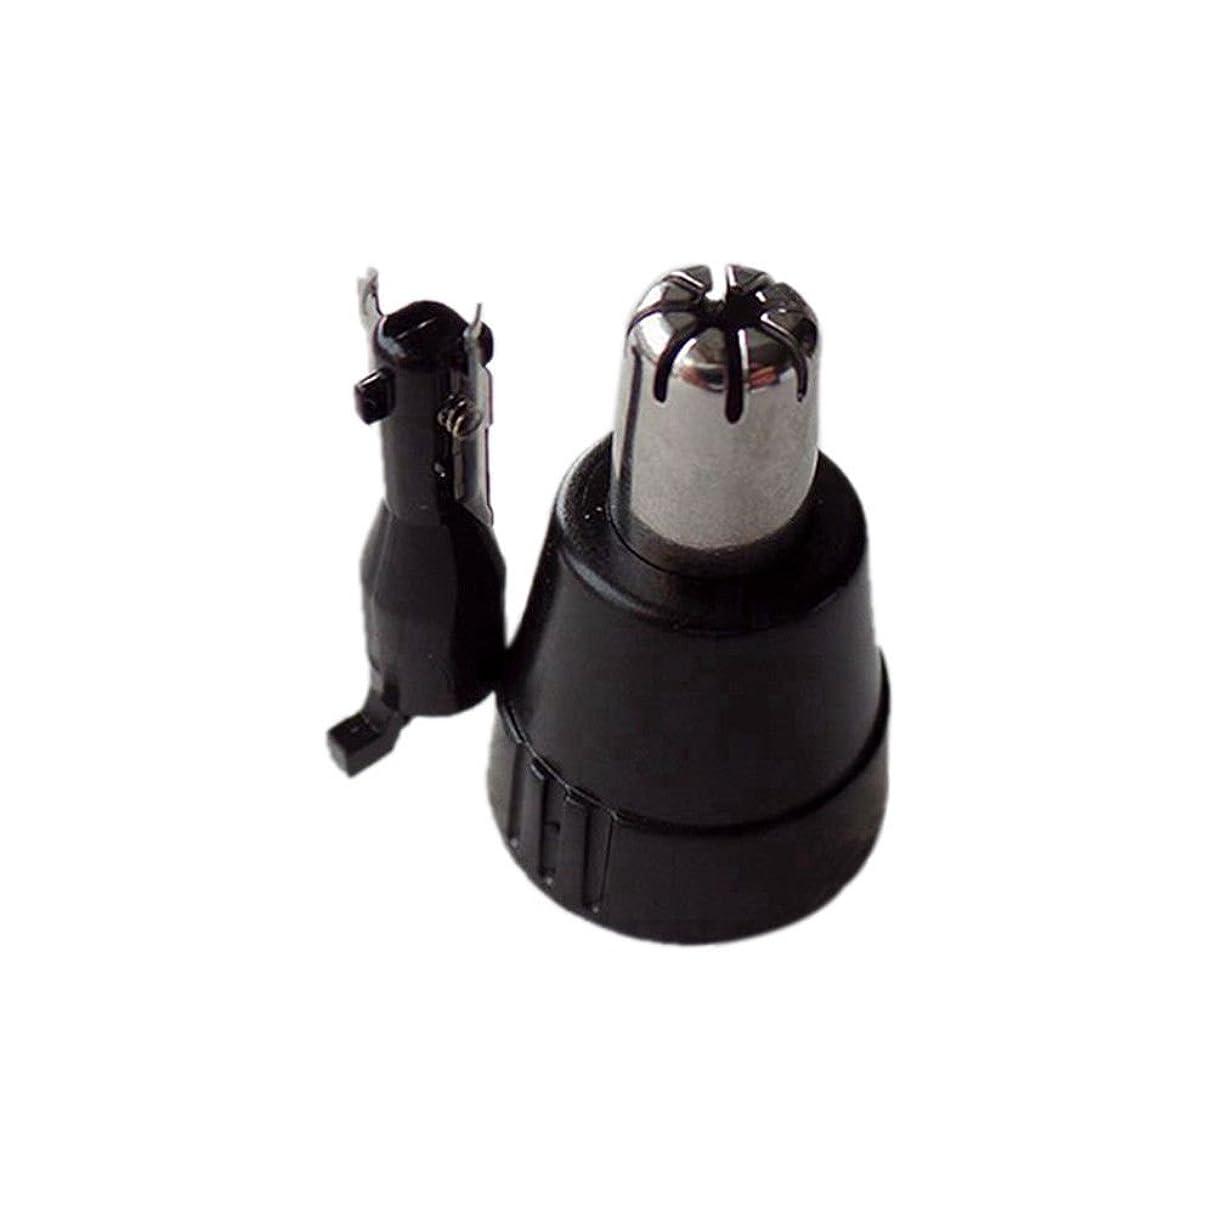 テクトニック安価な傾向がありますJuleyaing 鼻毛カッター用品 パーツ 内刃 外刃 替刃 交代品 for Panasonic 鼻毛カッター ER-GN30/-GN10